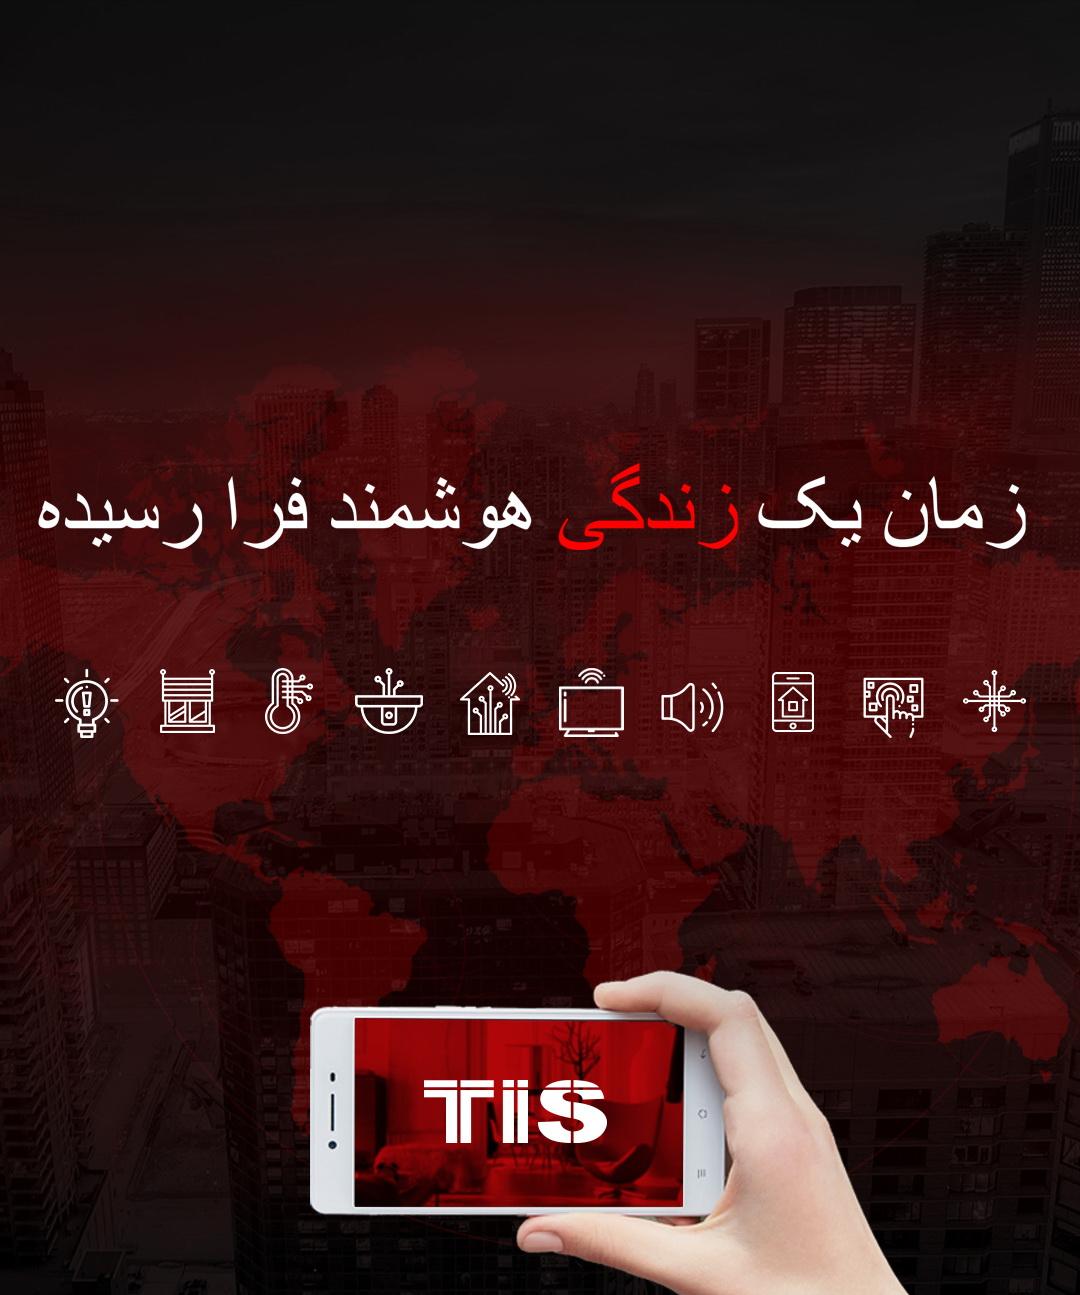 اپلیکیشنهای رایگان TIS – خانه خود را از هر جایی که هستید کنترل کنید.